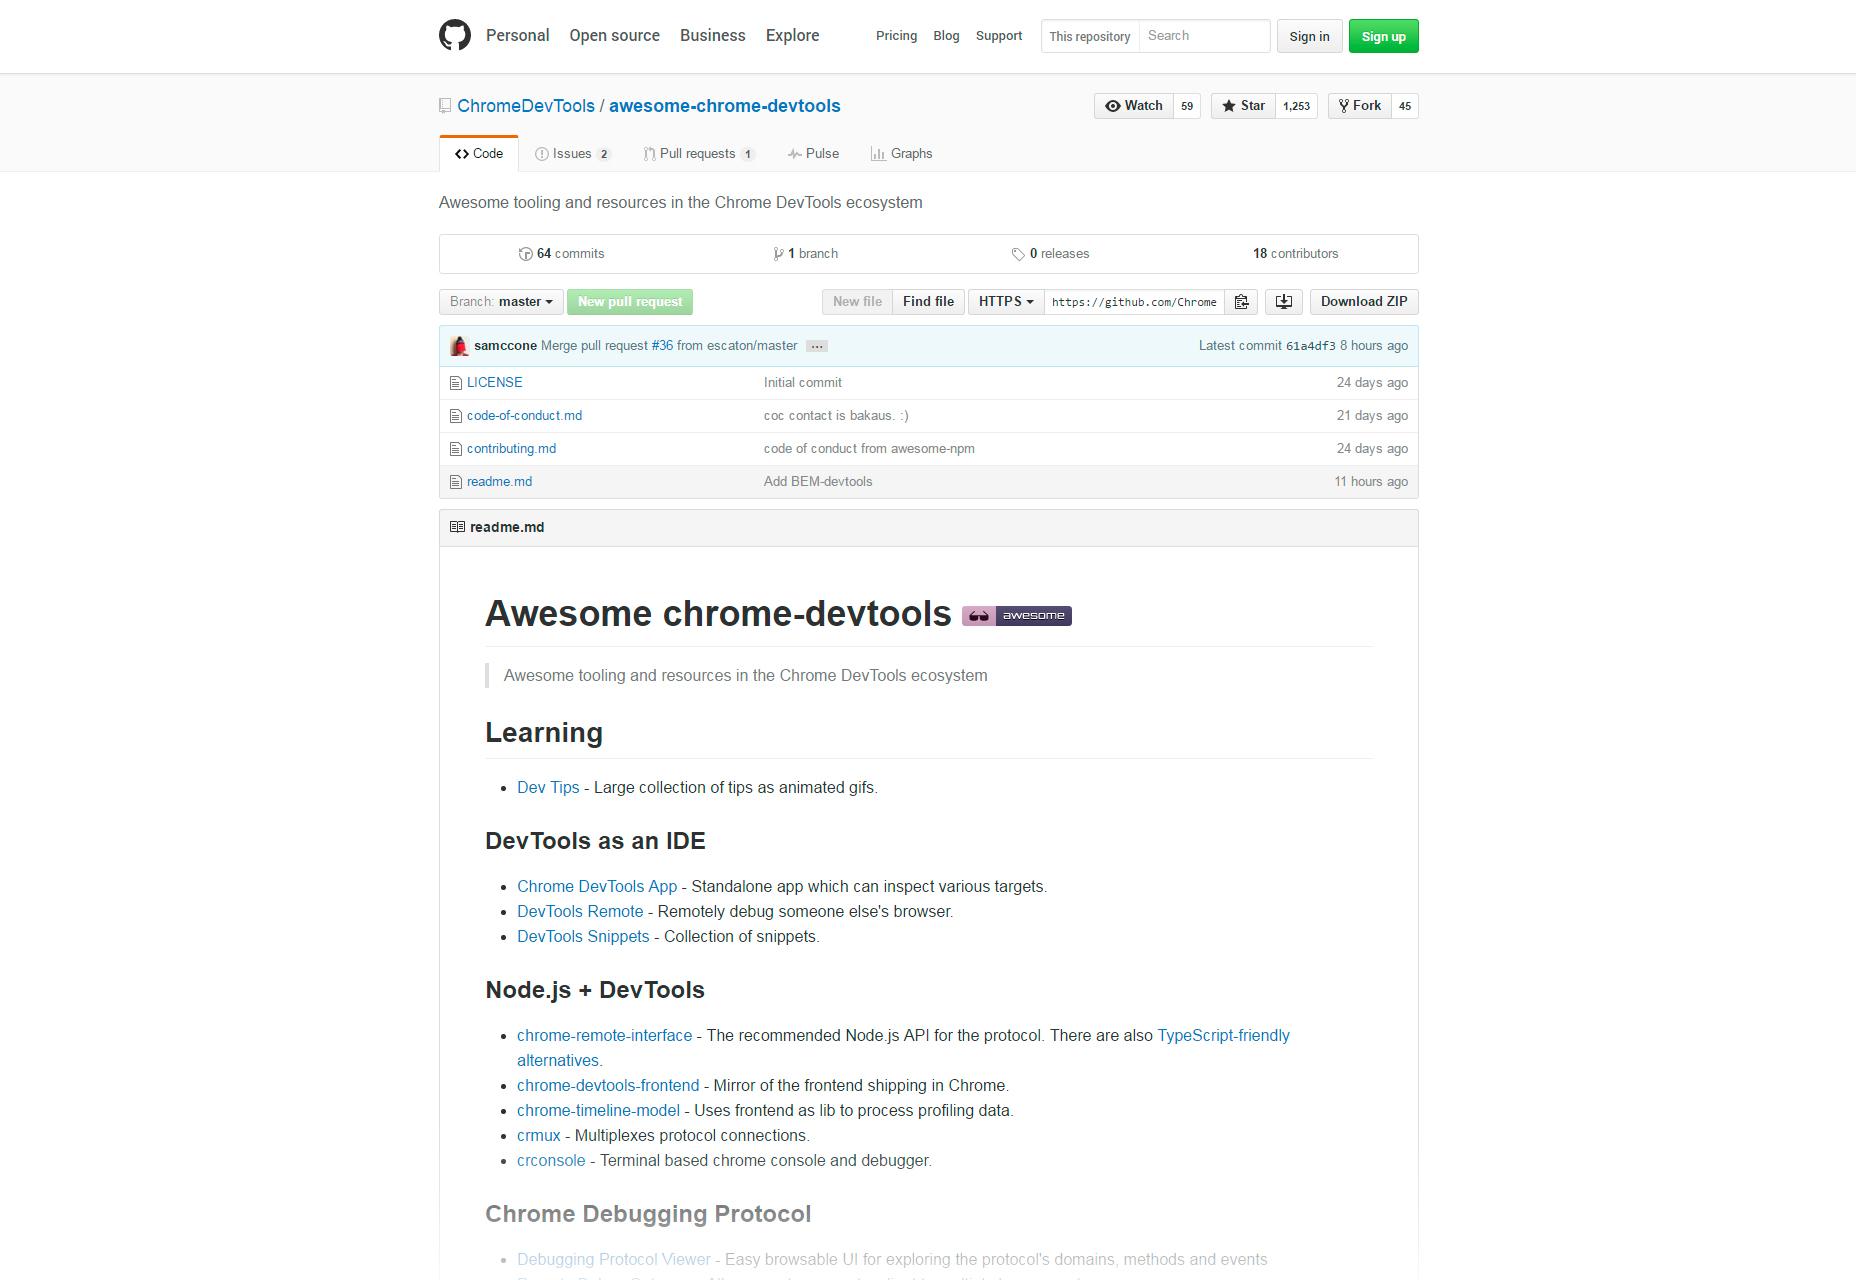 Awesome Herramientas y recursos de desarrollo de Chrome